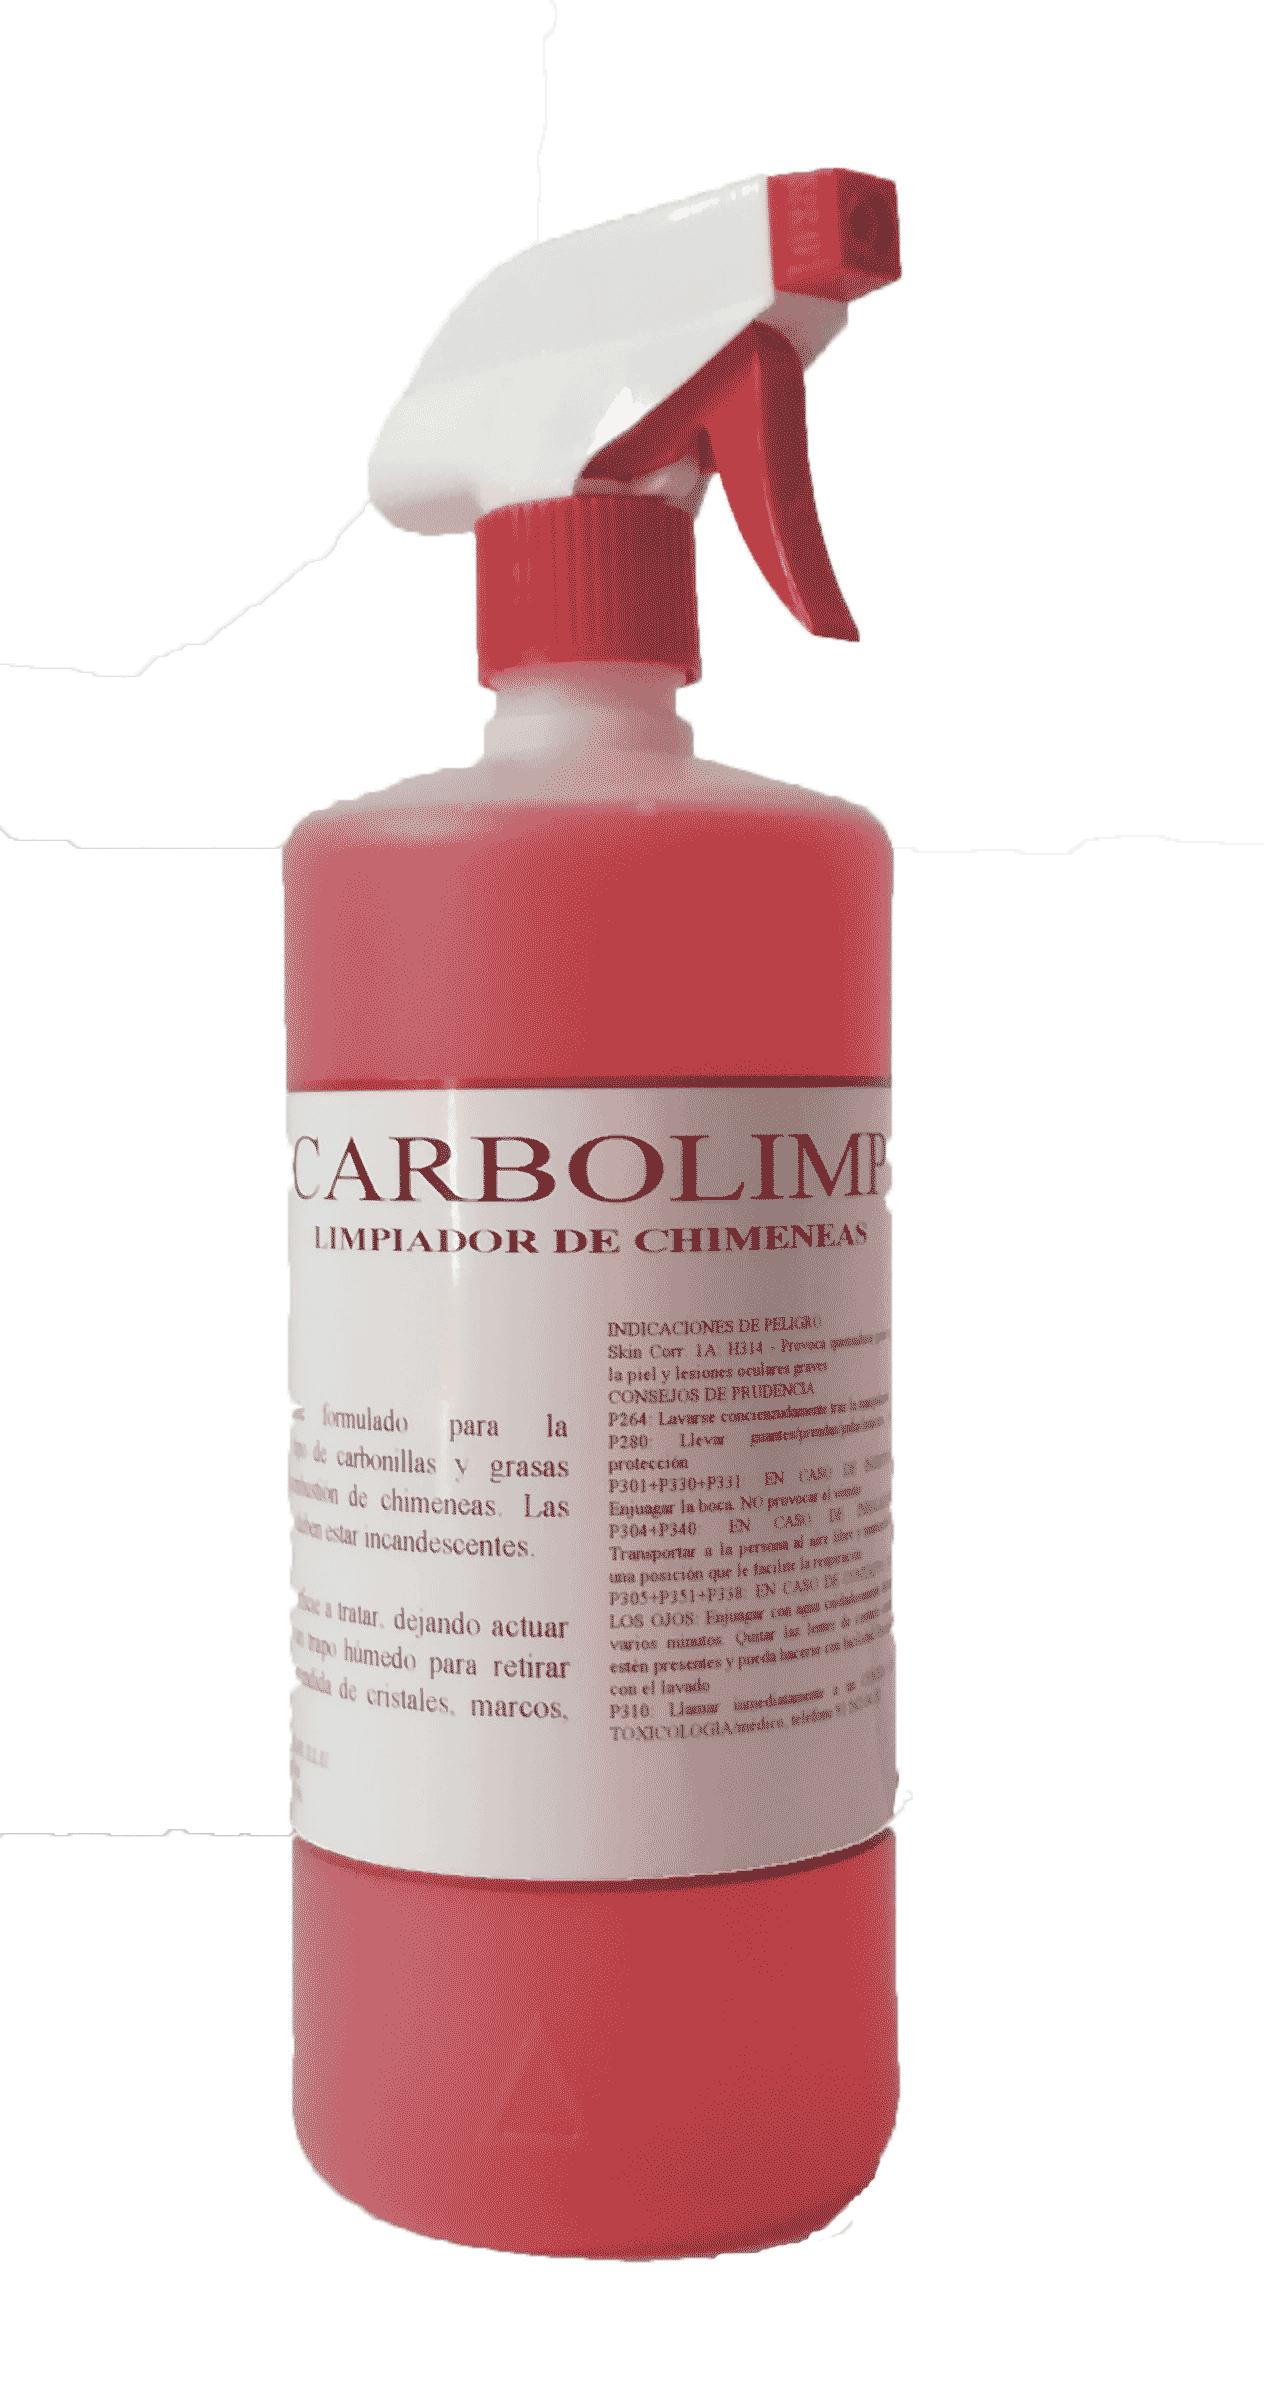 Productos Quimicos en Malaga Carbolim Quimilan